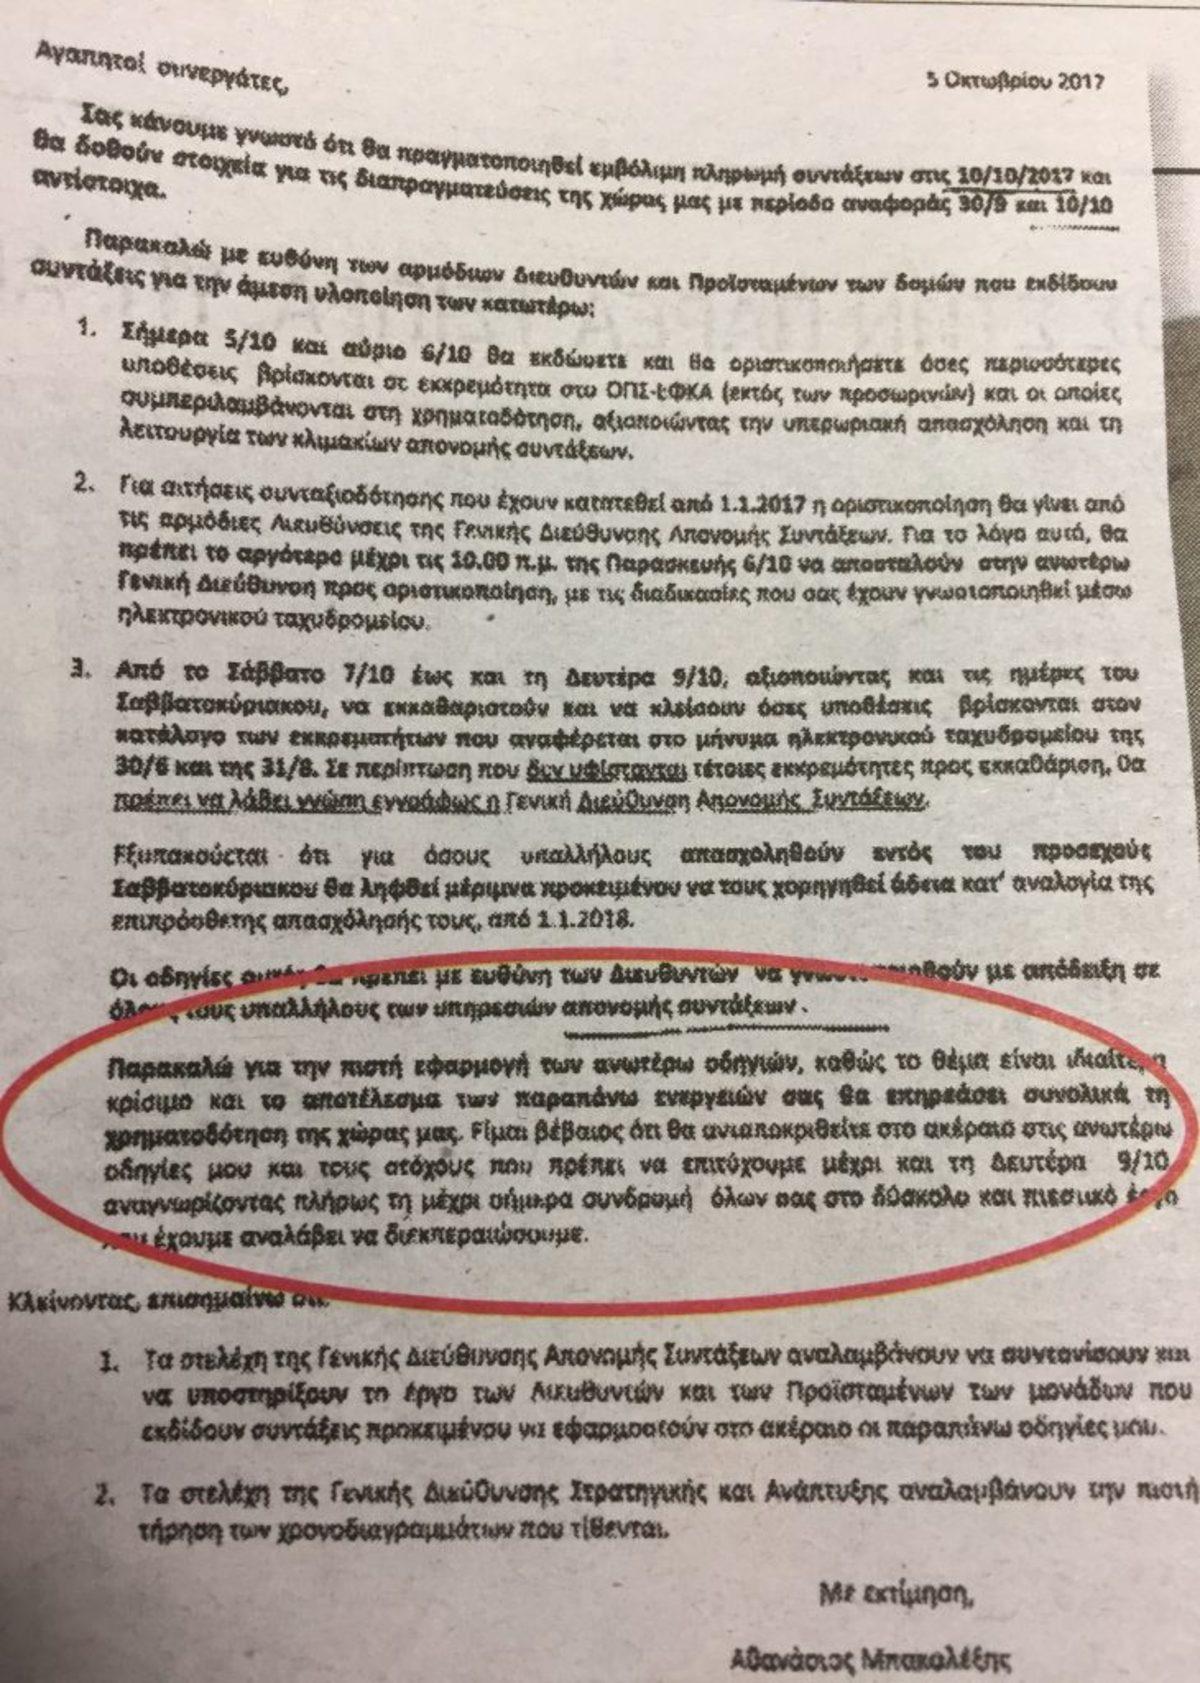 Στον αέρα οι συντάξεις και η δόση ύψους 800 εκατομμυρίων! Έγγραφο – ντοκουμέντο | Newsit.gr